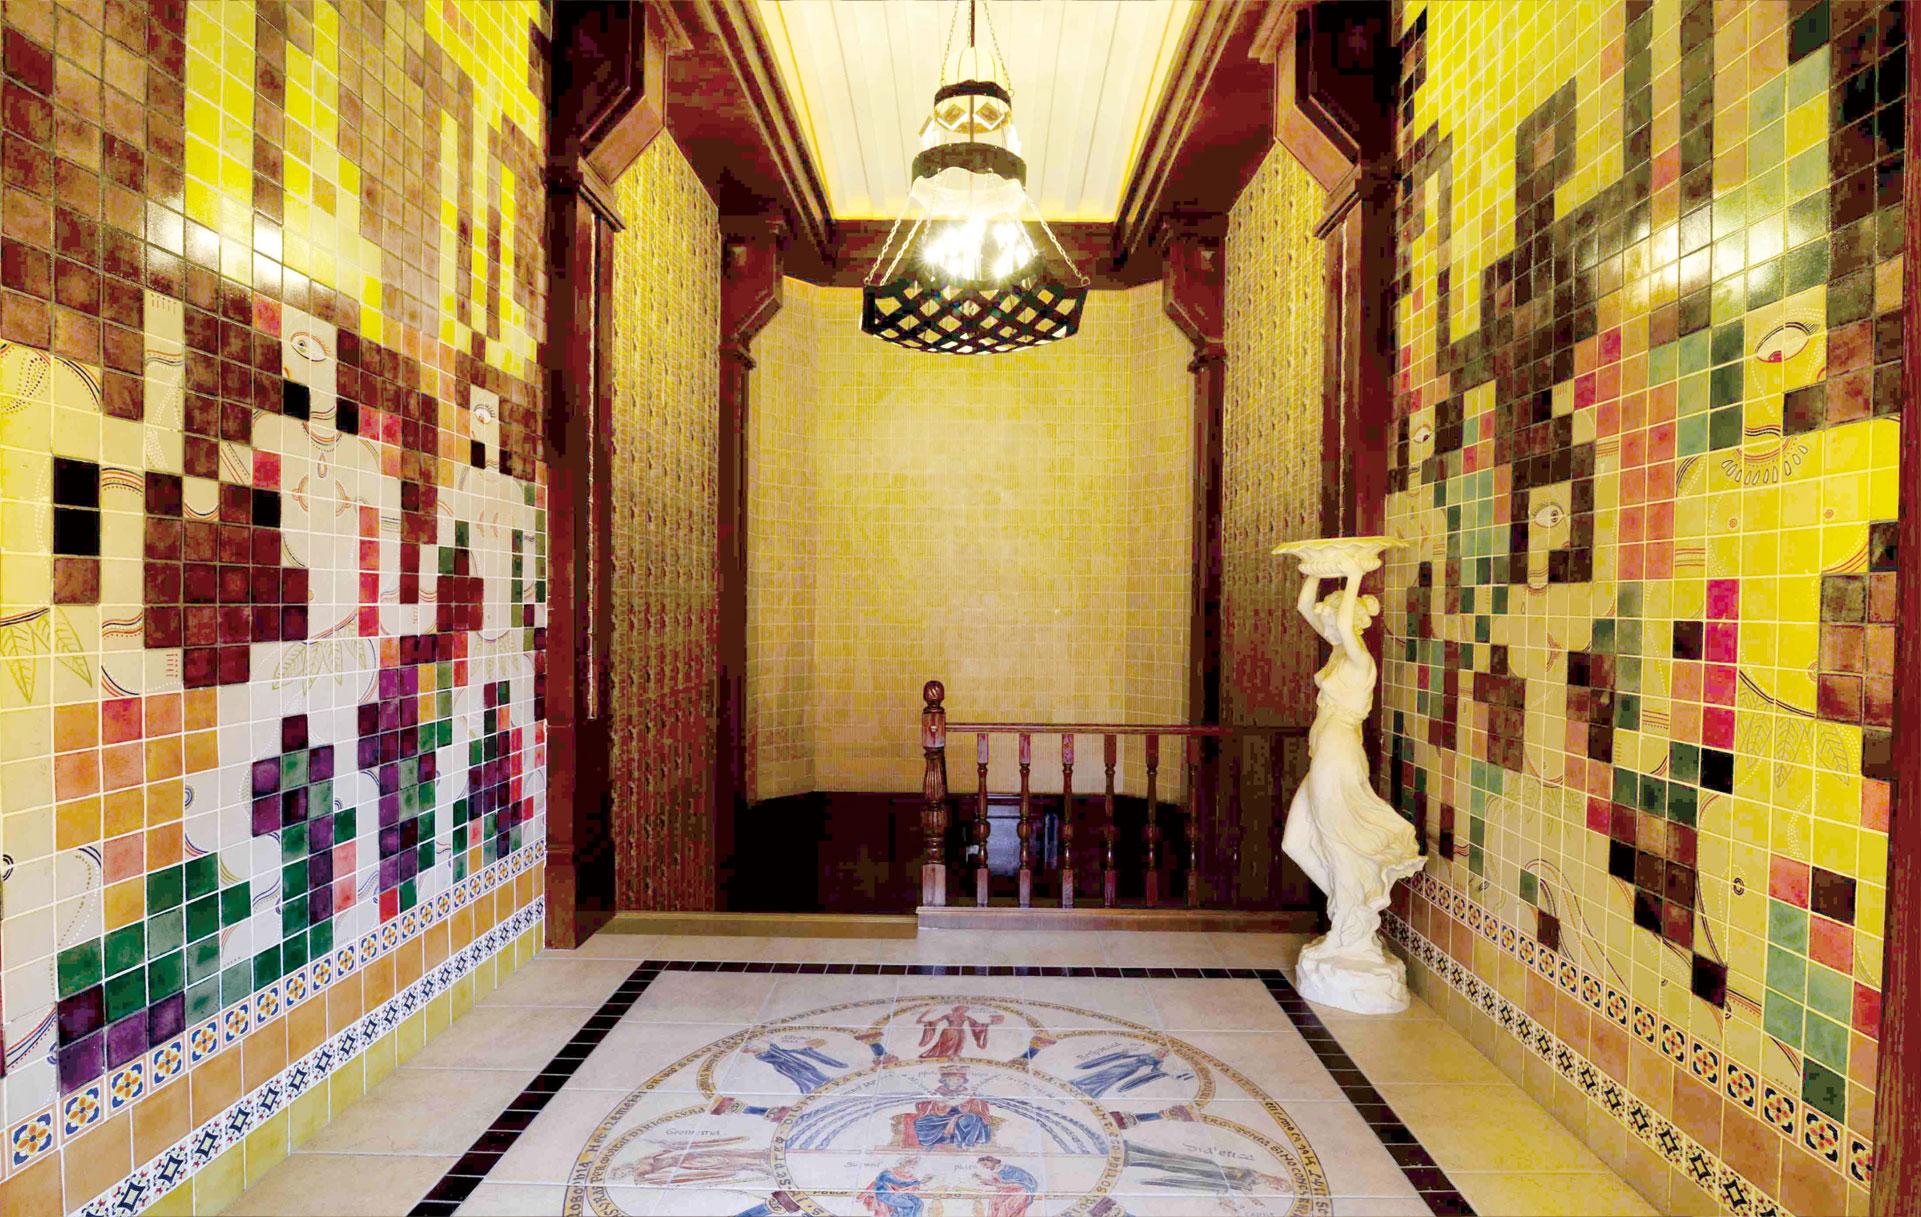 成都洛带古镇《哲学故事酒馆》定制瓷砖艺术画